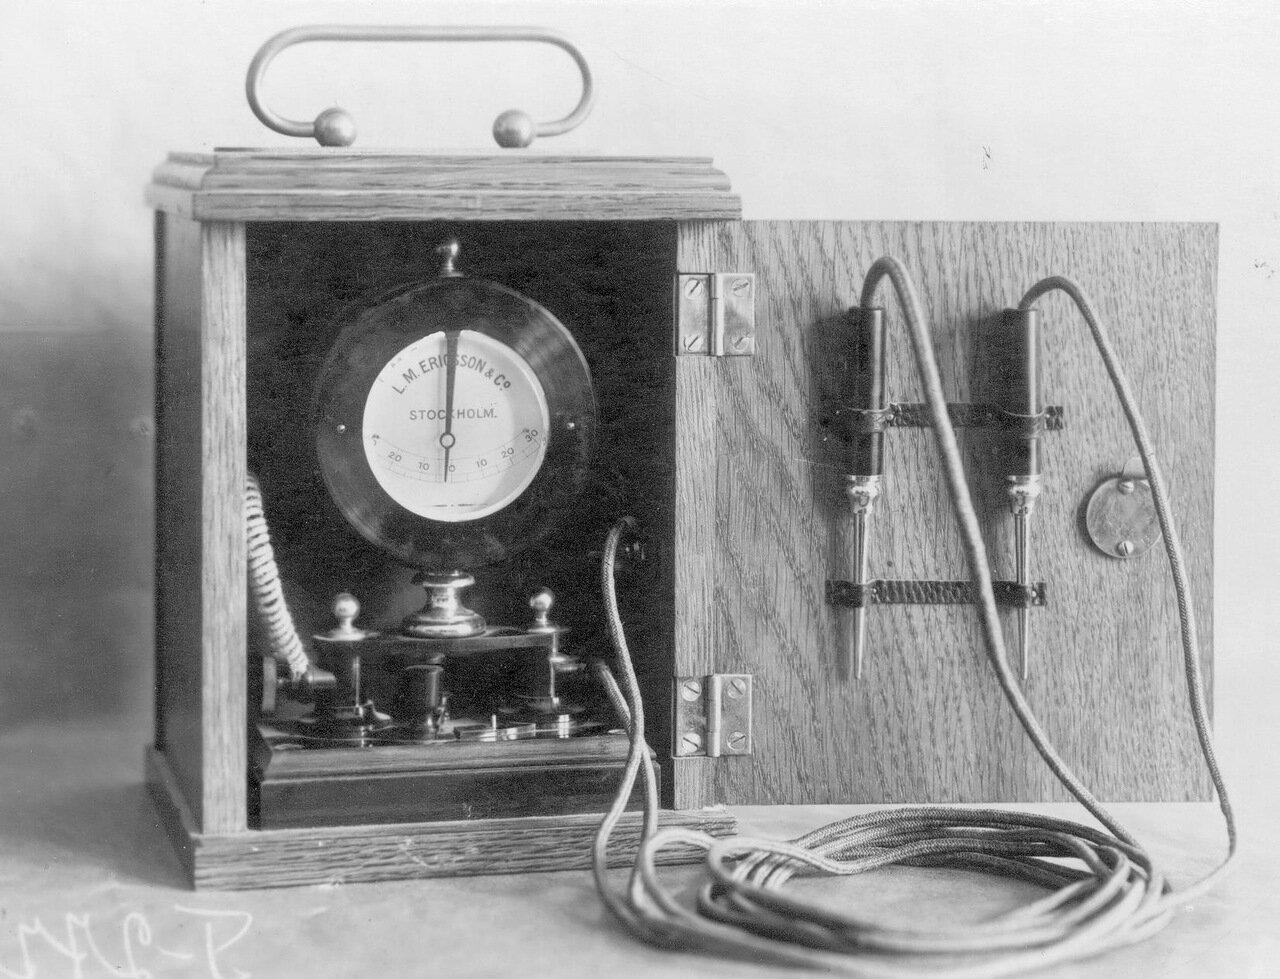 17. Внешний вид измерительного прибора Вольтметр